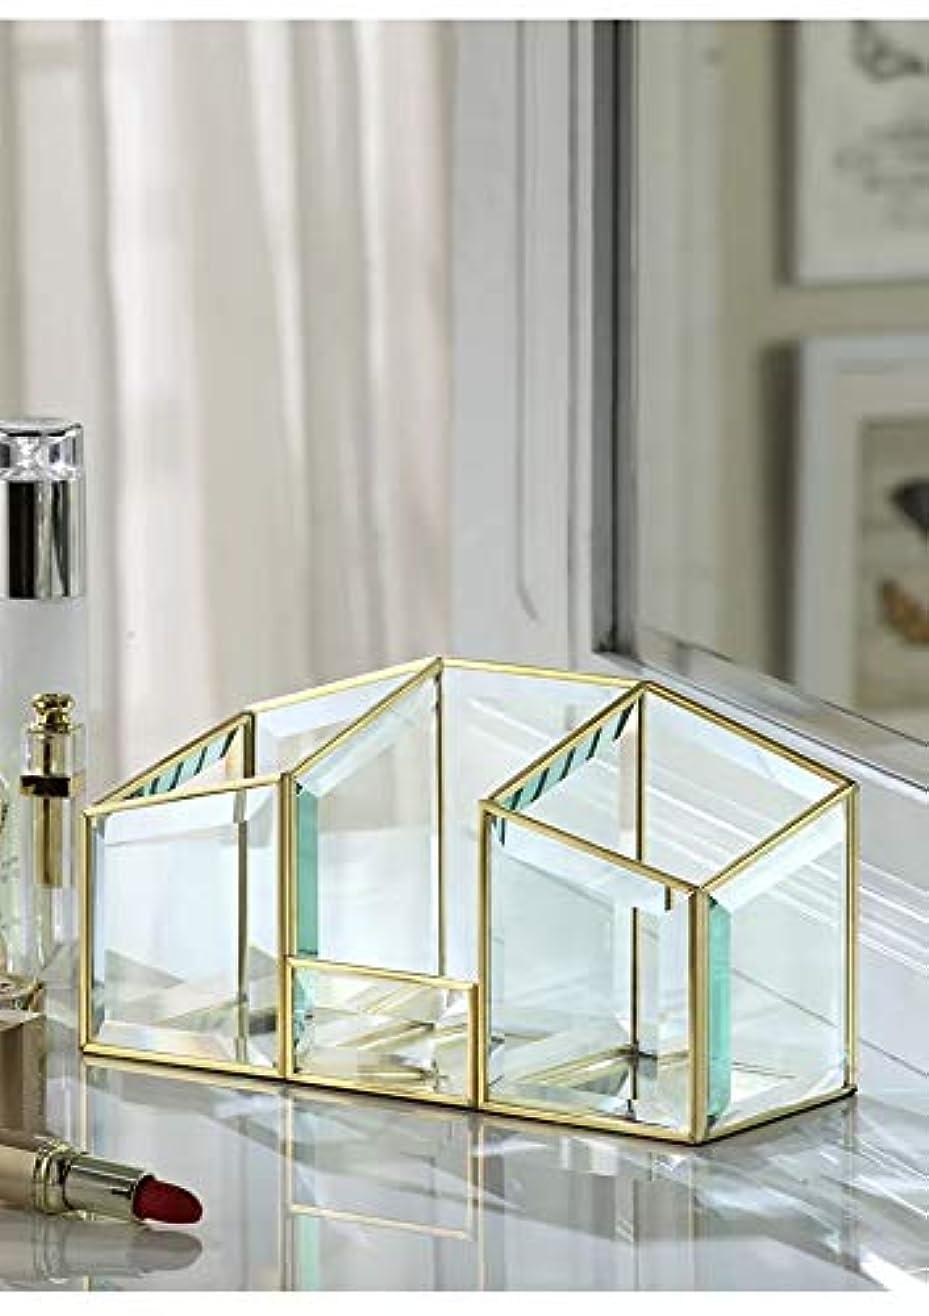 Kouso ガラスと真鍮でできたキャッシュトレー シャンパンゴールドガラス装飾表示&整理ガラストレイ ジュエリートレイ ゴールド メイクブラシ収納ボックス (長方形-1)